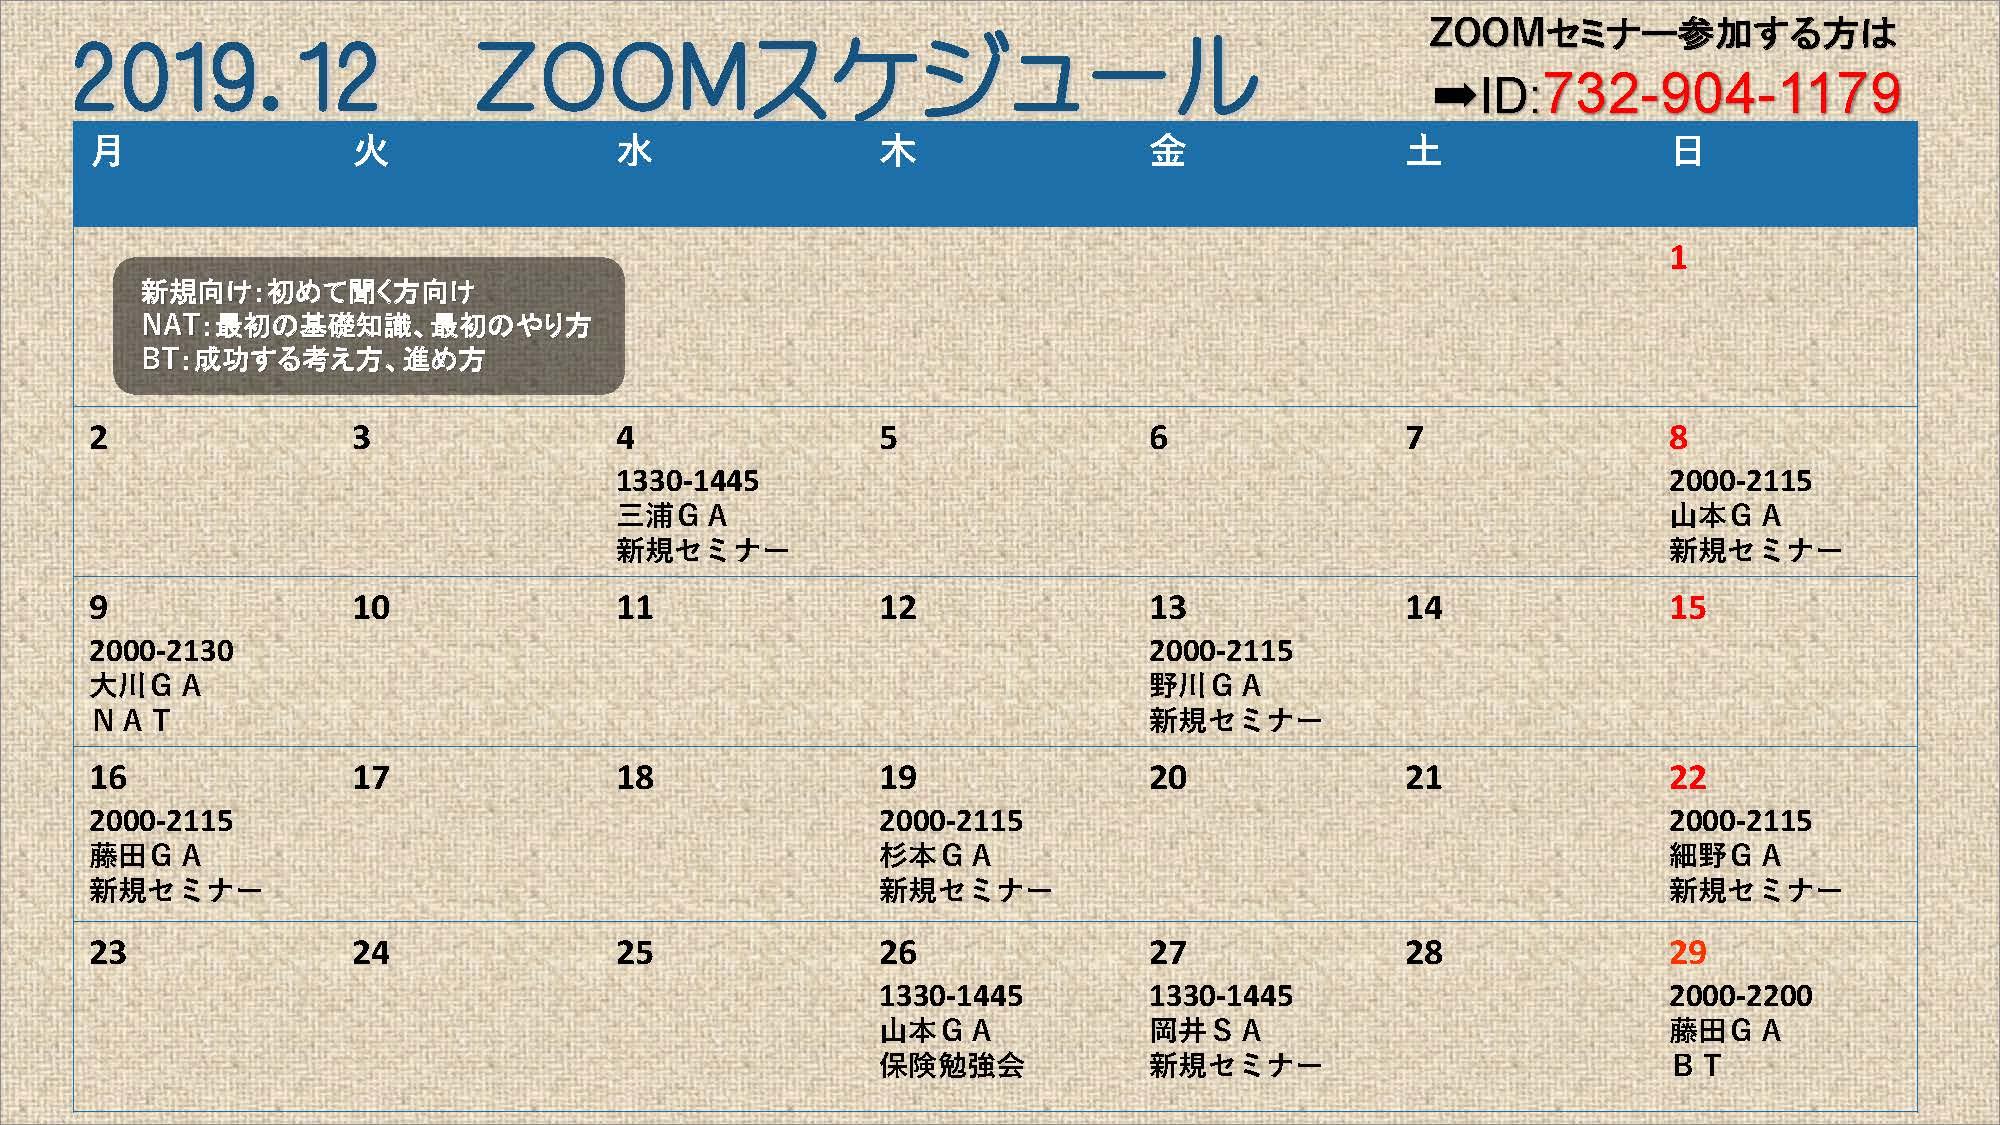 ZOOMセミナー12月スケジュール